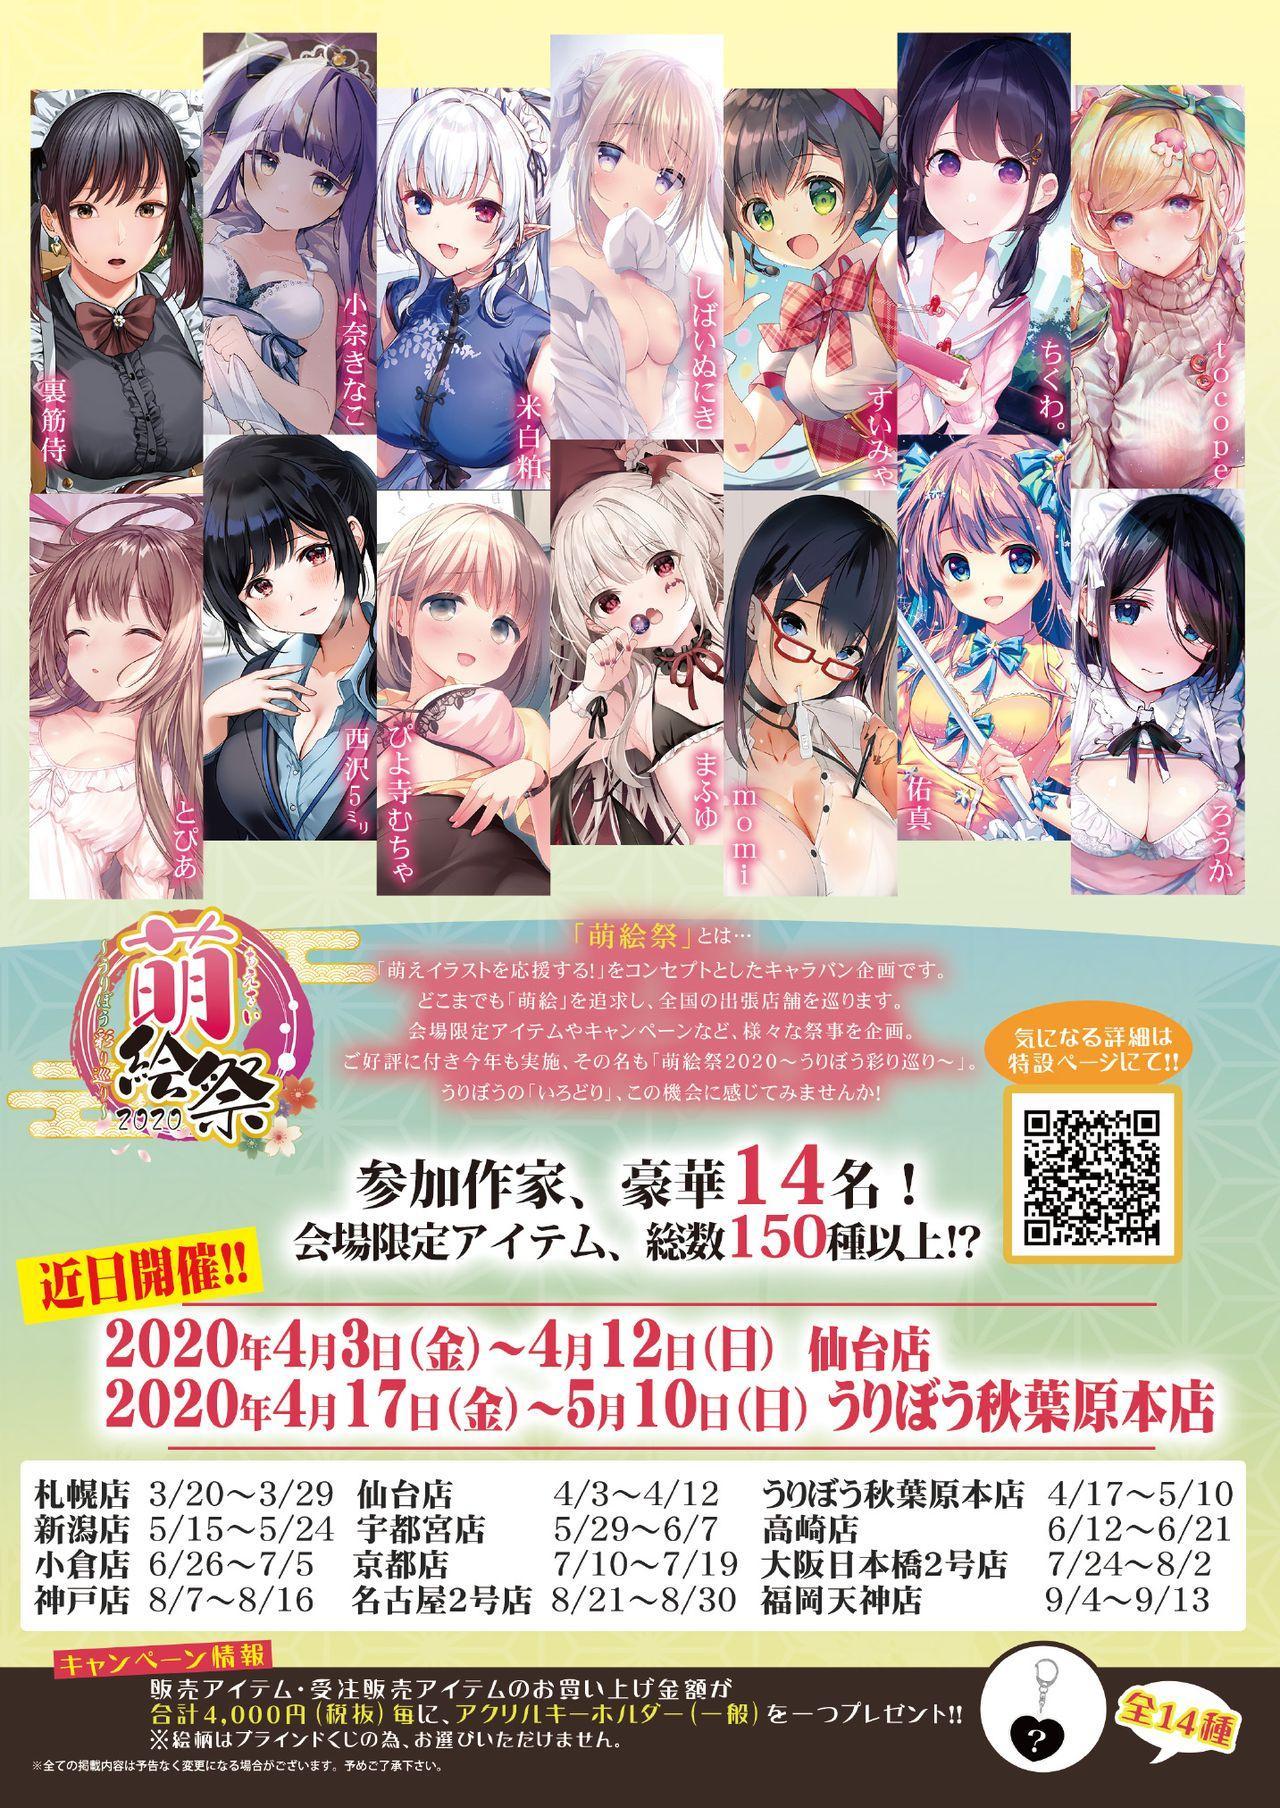 うりぼうざっか店 2020年4月3日発行号 43